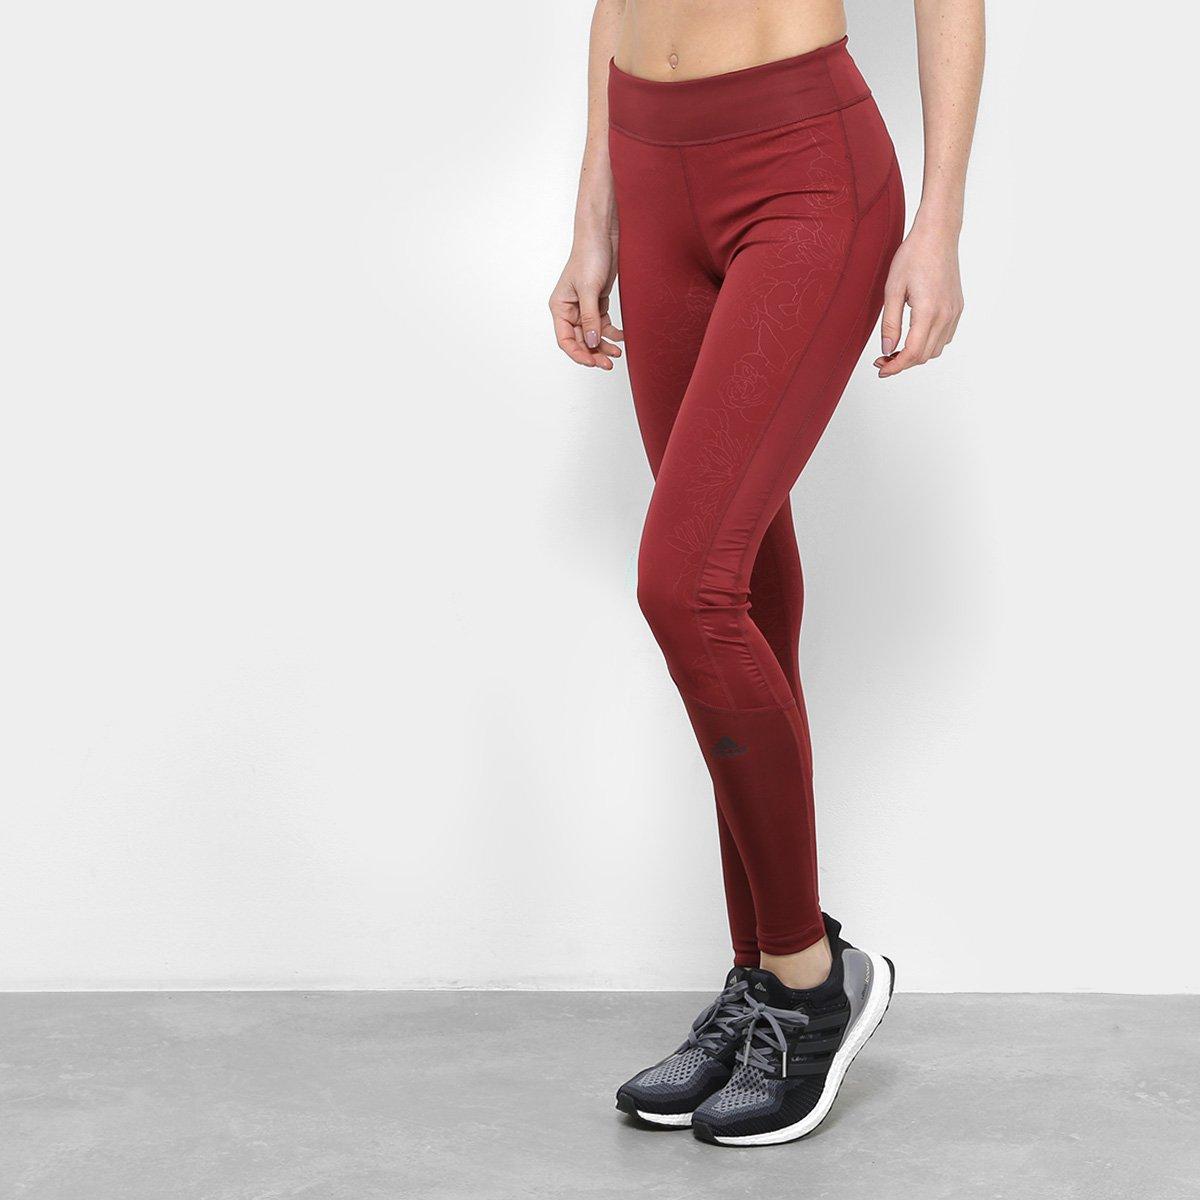 acdcda792898d Calça Legging Adidas D2M Rr L Rtg Feminina